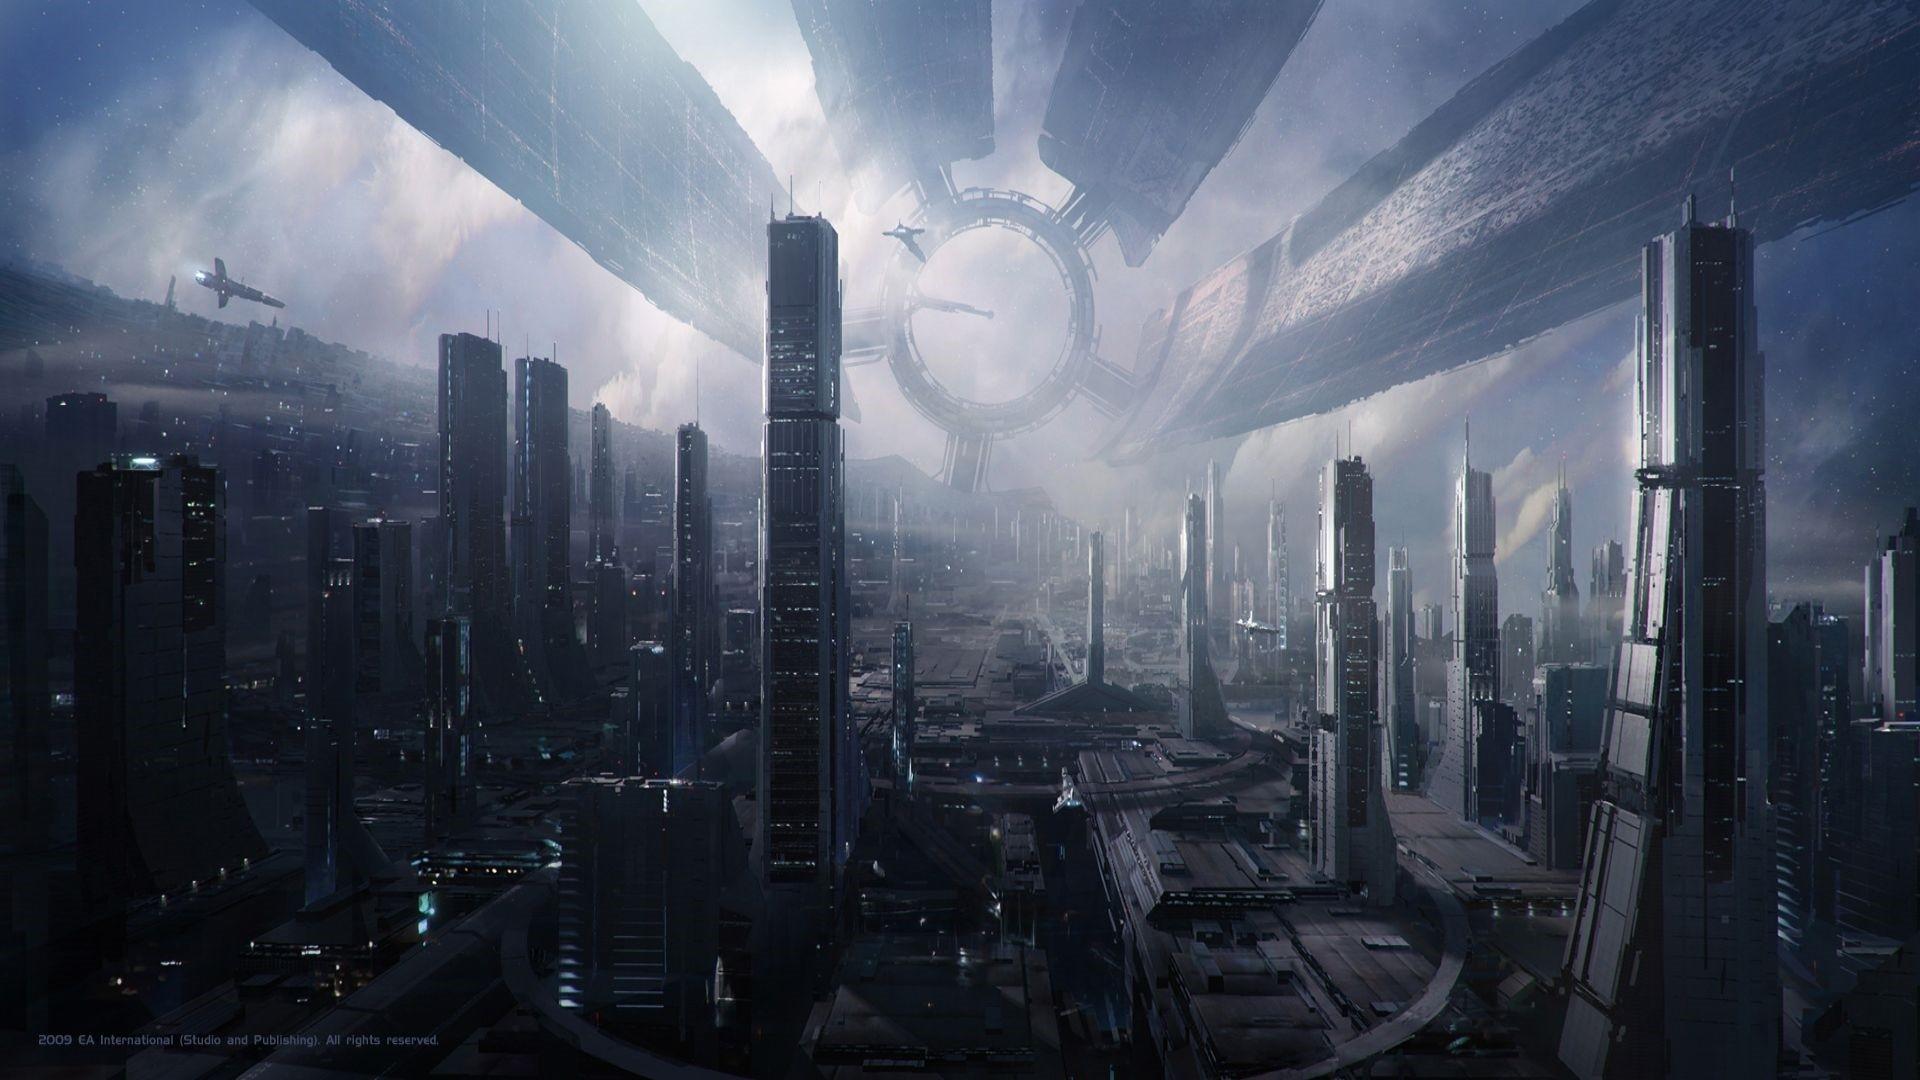 Futuristic Wallpaper Picture hd